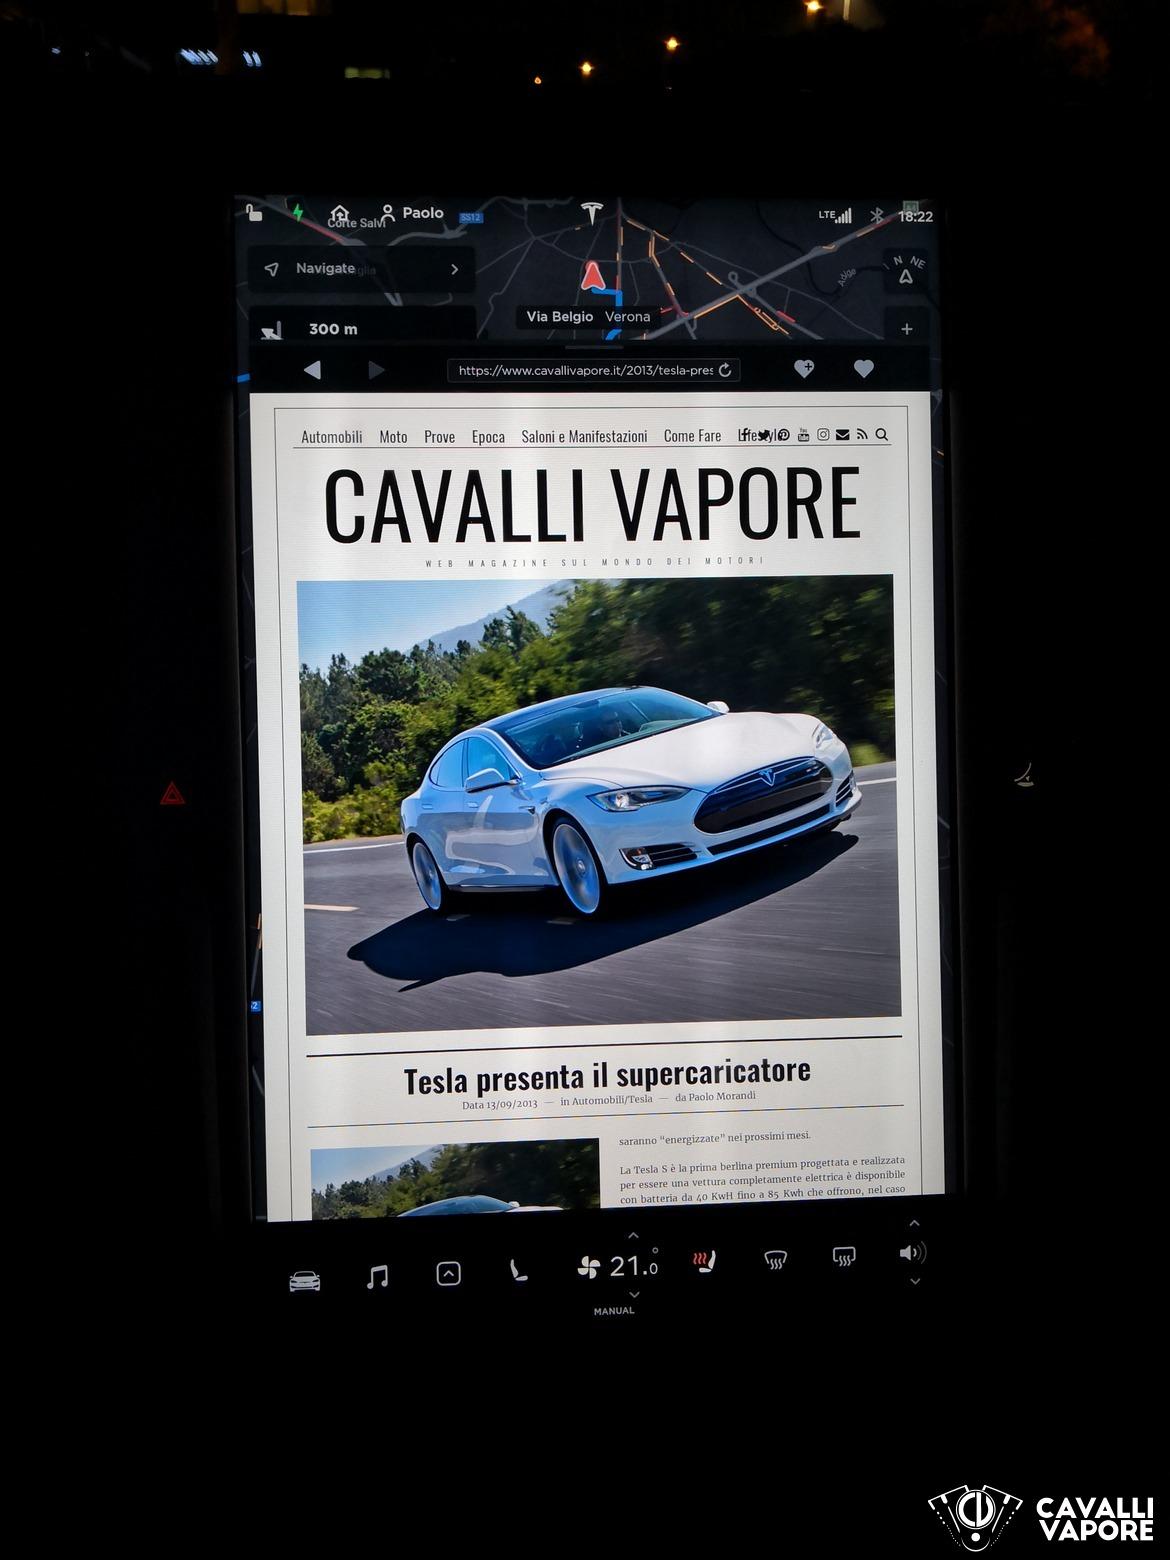 Tesla Model S 100D Cavalli Vapore su schermo